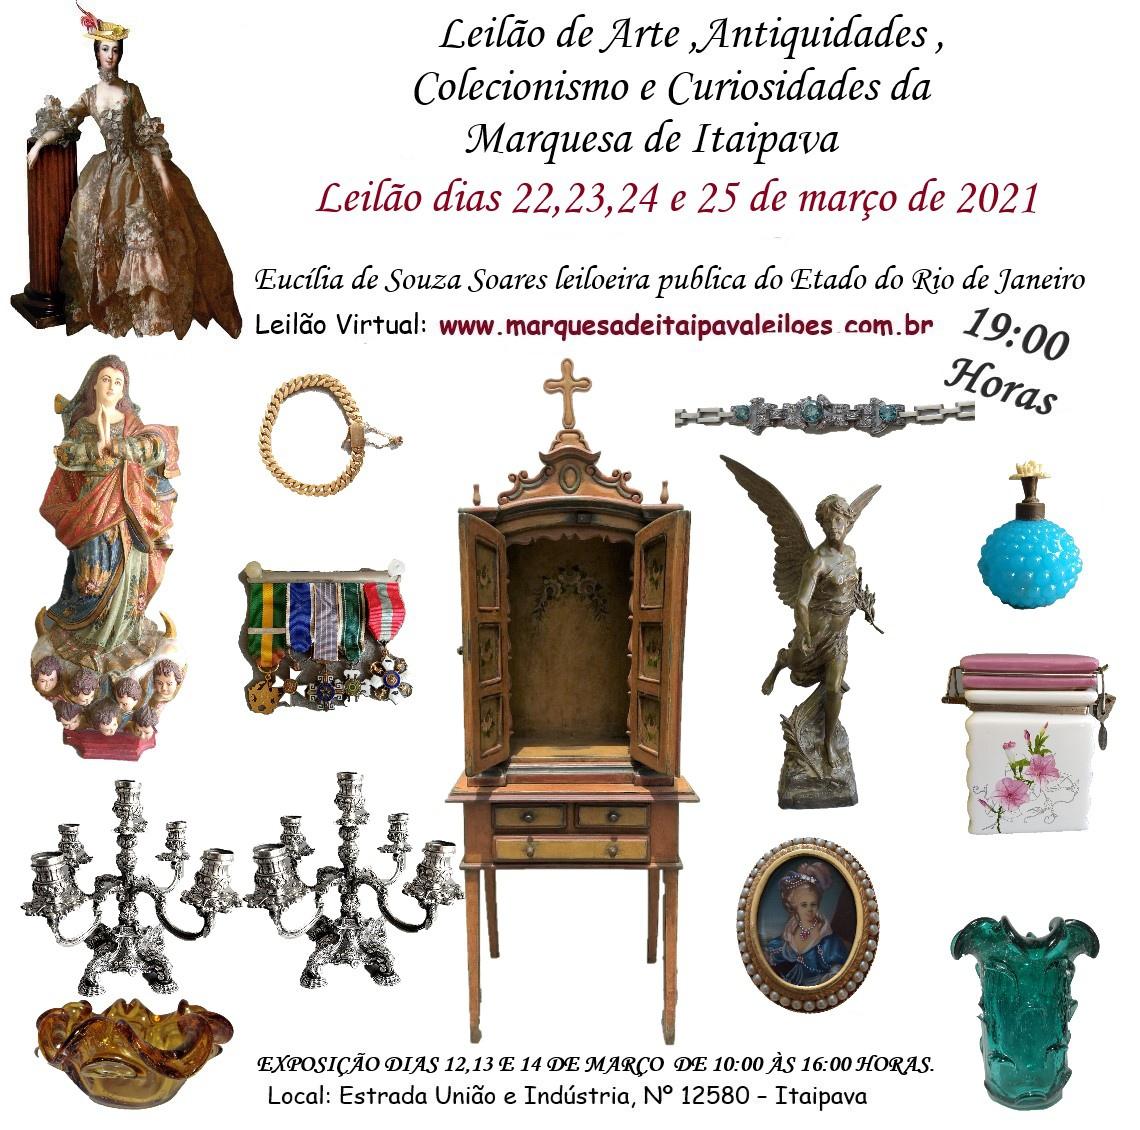 21º LEILÃO DE ARTE E ANTIGUIDADES, JOIAS ,CURIOSIDADES ,COLECIONISMO, DA MARQUESA DE ITAIPAVA.